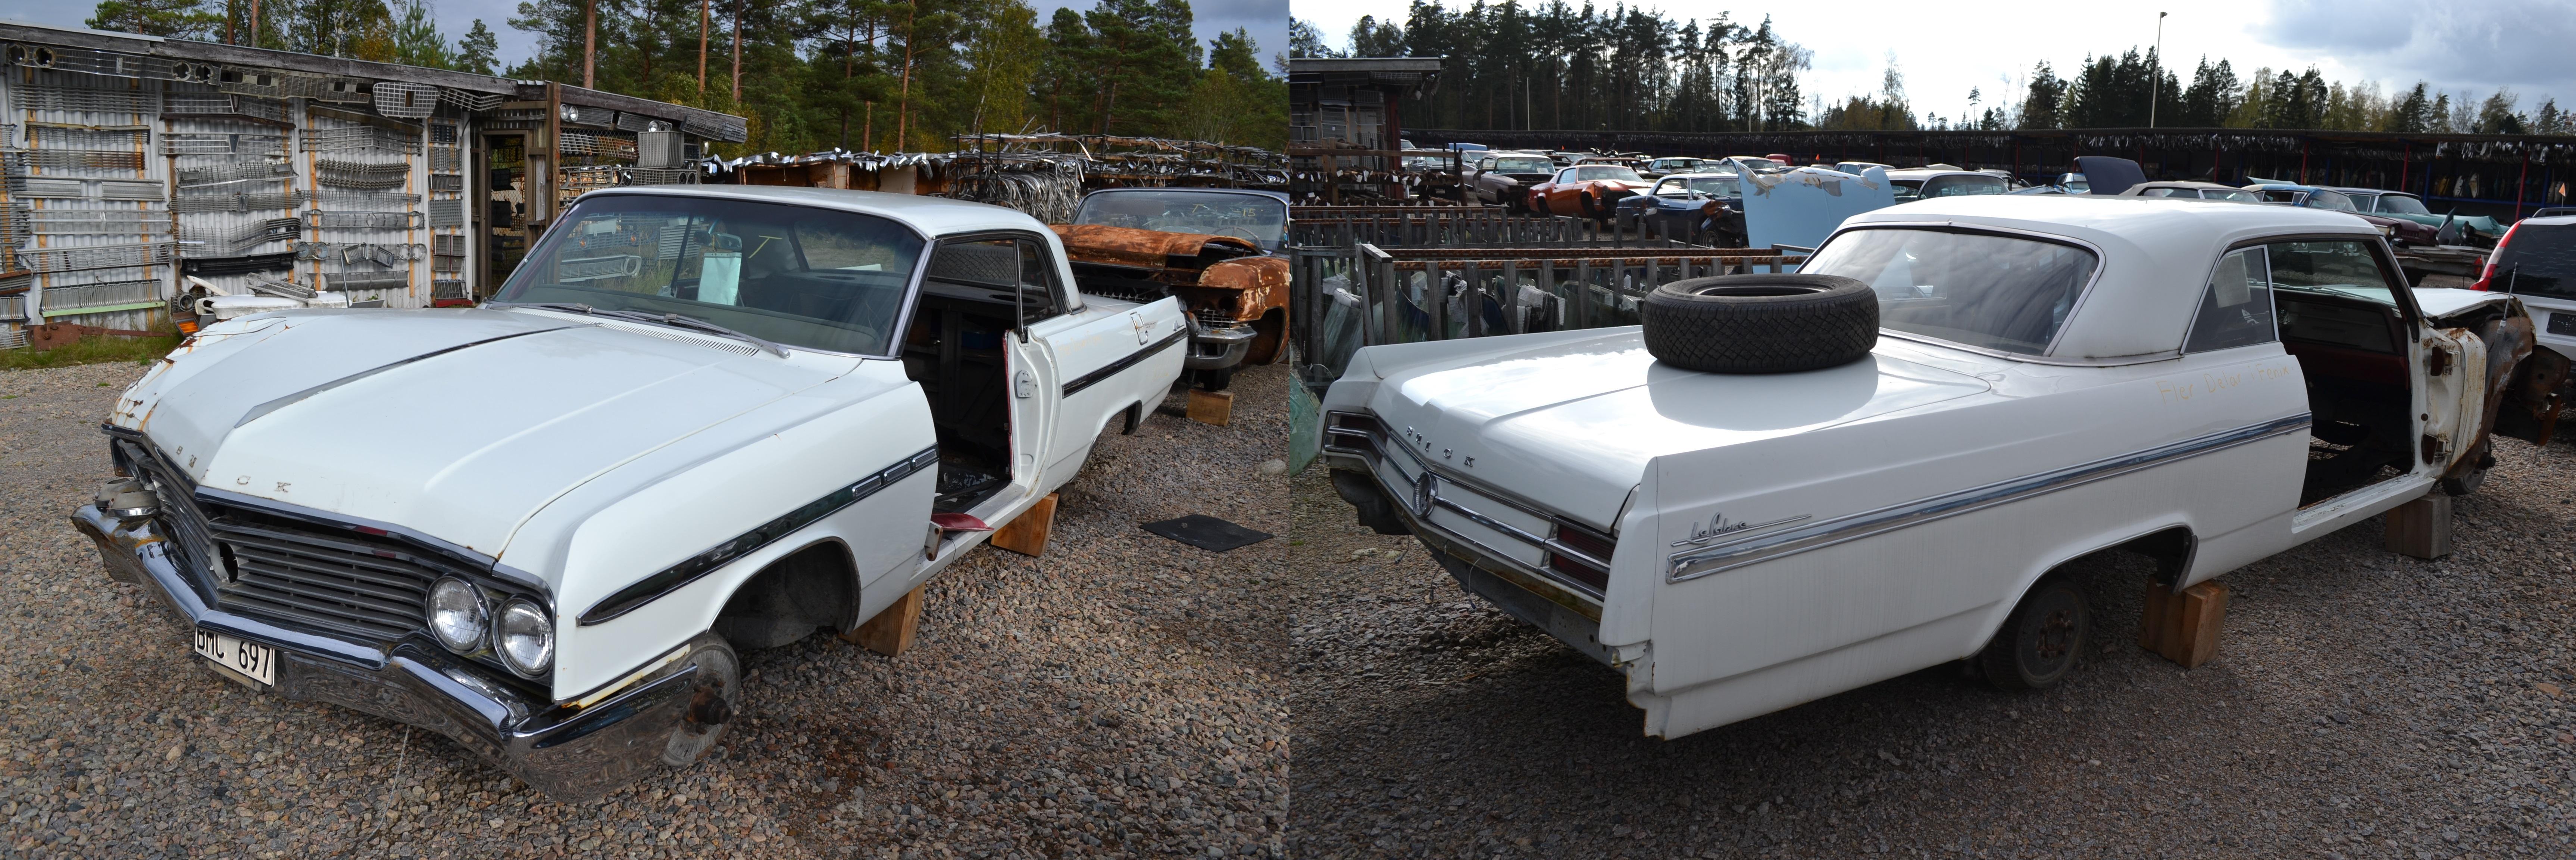 Buick lesabre -64